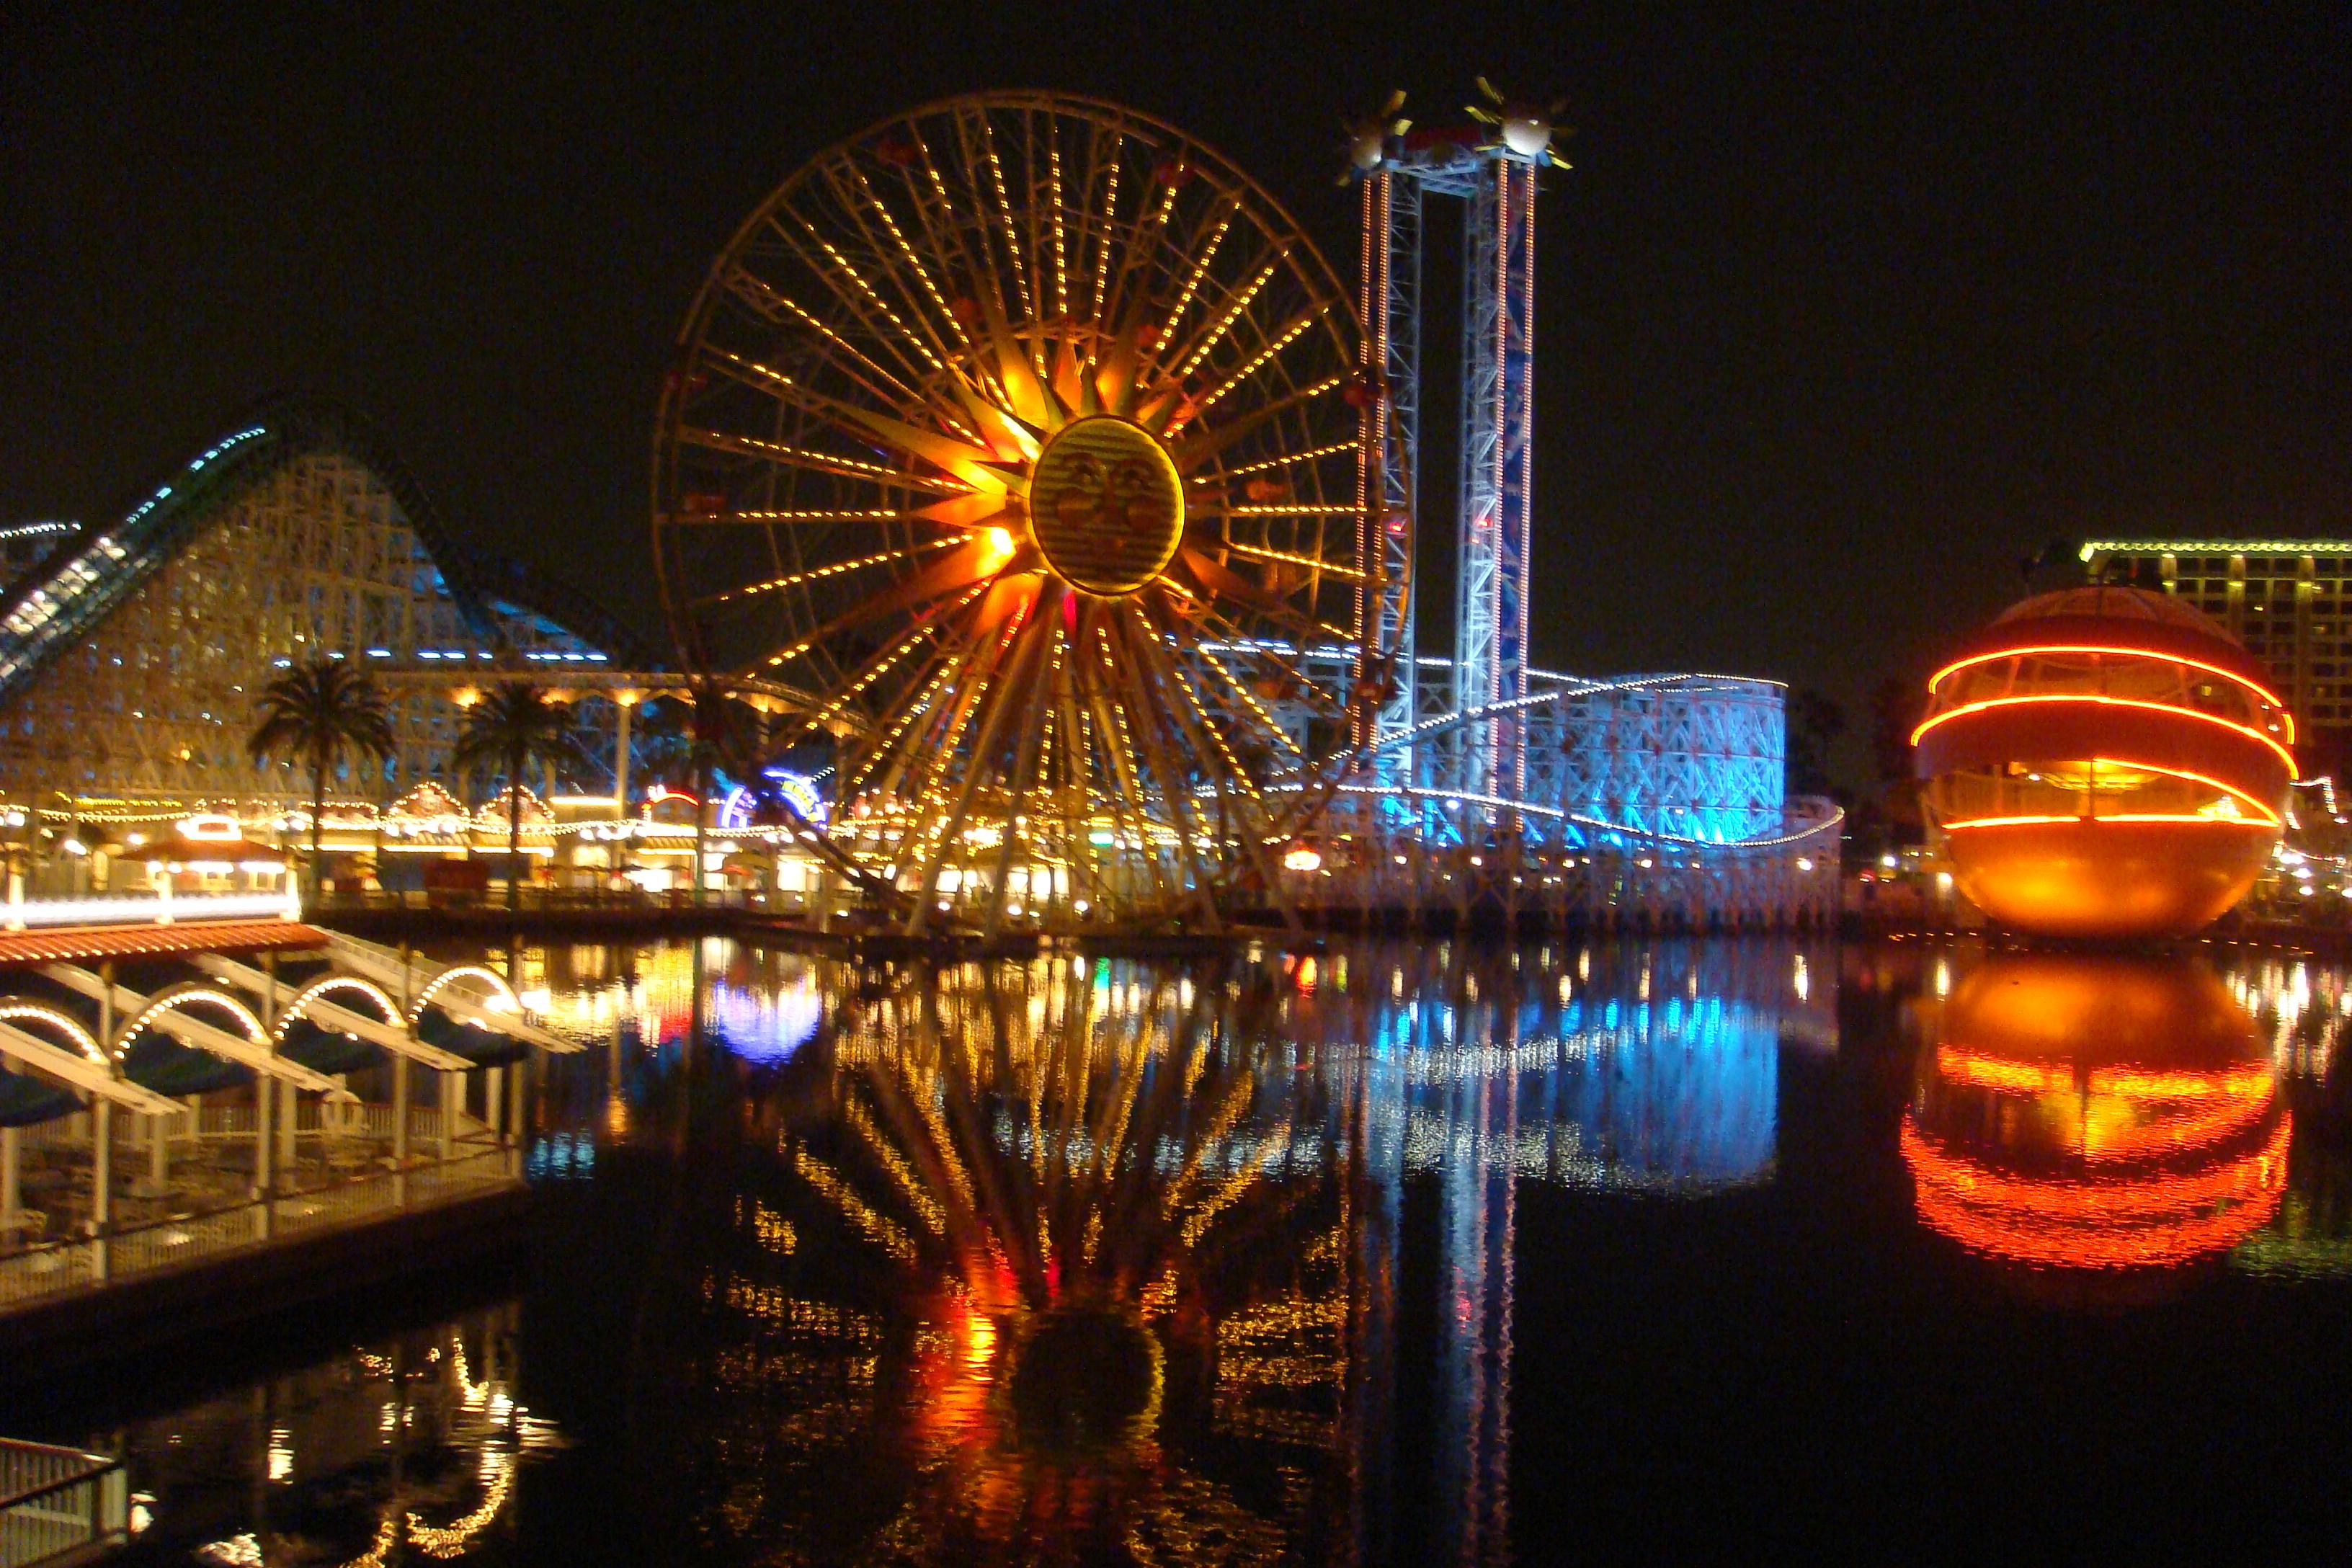 Disney California Adventure Creating The Magic Part 2